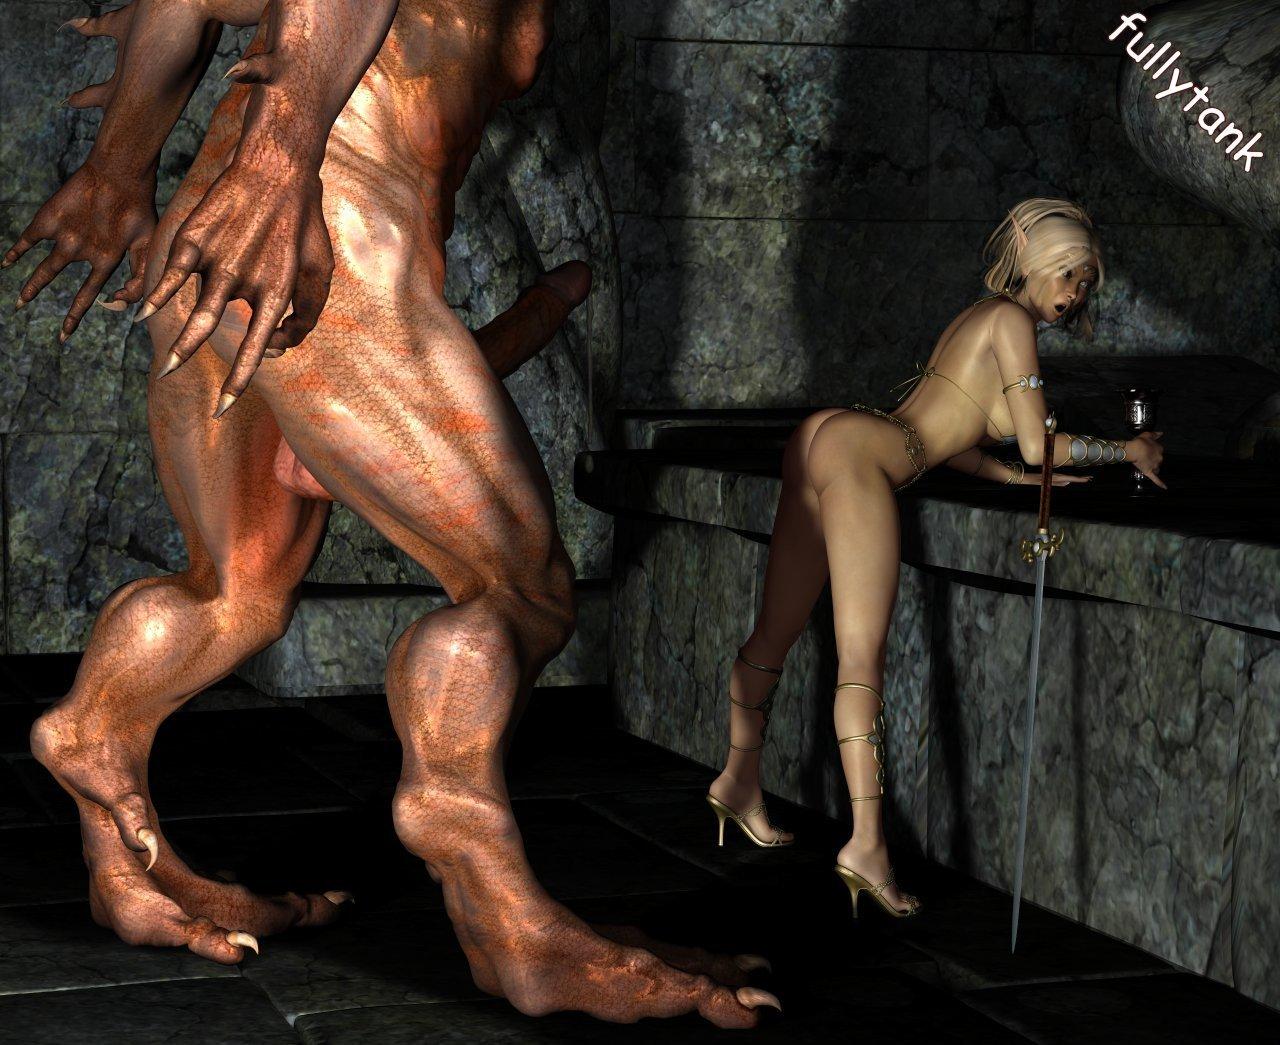 Мультфильмы секс с монстроми 6 фотография